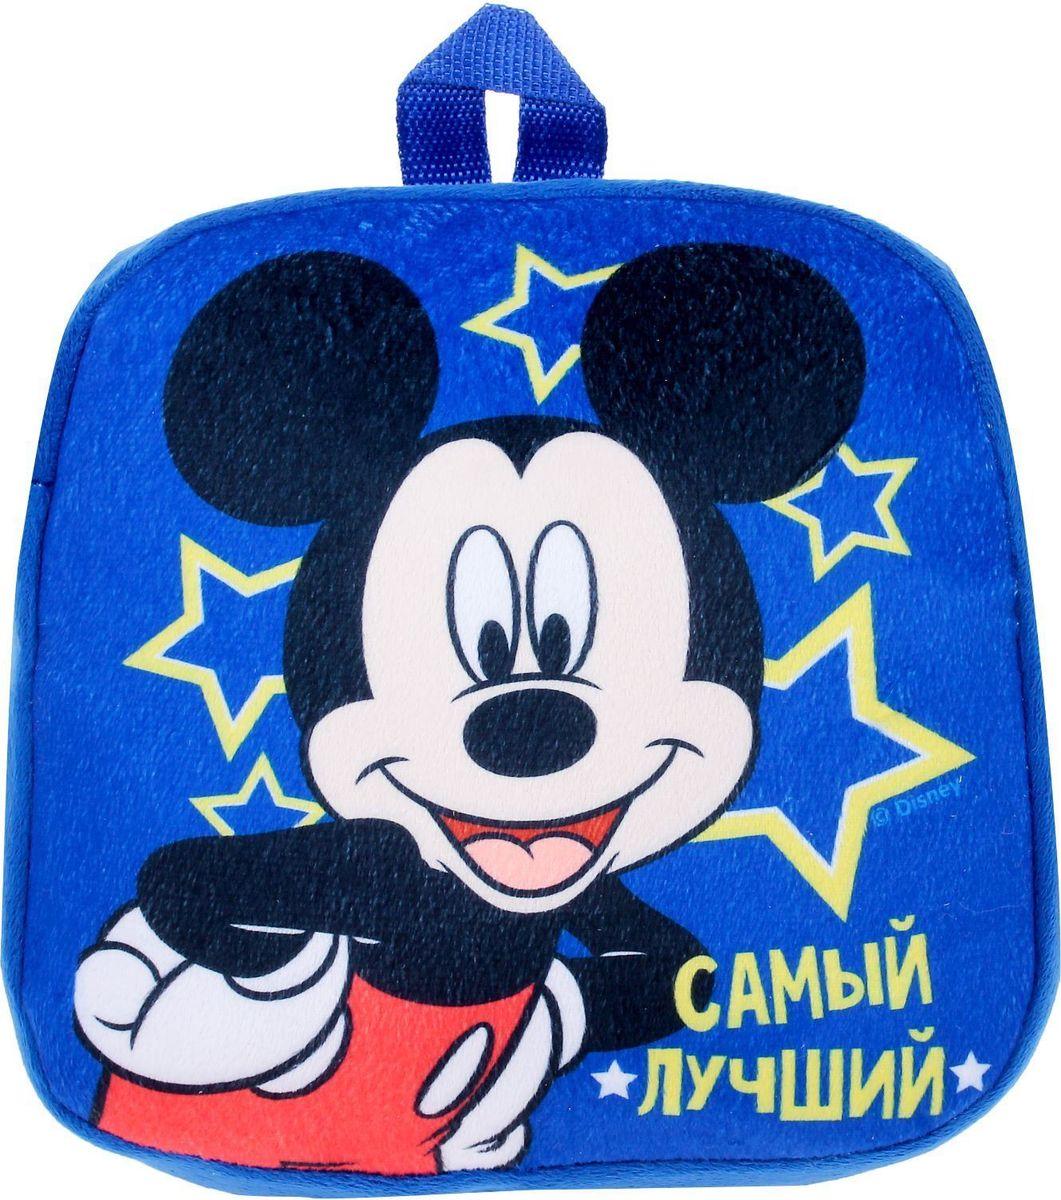 Disney Рюкзак дошкольный Микки Маус Самый лучший цвет синий1745526Детки обожают брать с собой игрушки. Для этого отлично подойдёт небольшой, но вместительный рюкзачок с персонажем Disney!Это не просто сумочка, но и безумно приятная на ощупь игрушка! Каждая вещь изготовлена с любовью из качественного мягкого плюша.Молния надёжно сохранит все вещи внутри, а регулируемые ремешки сделают время, проведённое с любимым героем, ещё комфортнее! Сверху также имеется удобная ручка.Шильдик с незаполненным полем, который прилагается к каждому аксессуару, вы можете использовать как мини-открытку, если покупаете изделие в подарок.Размеры — 24,5 ? 6 х 24,5 см.